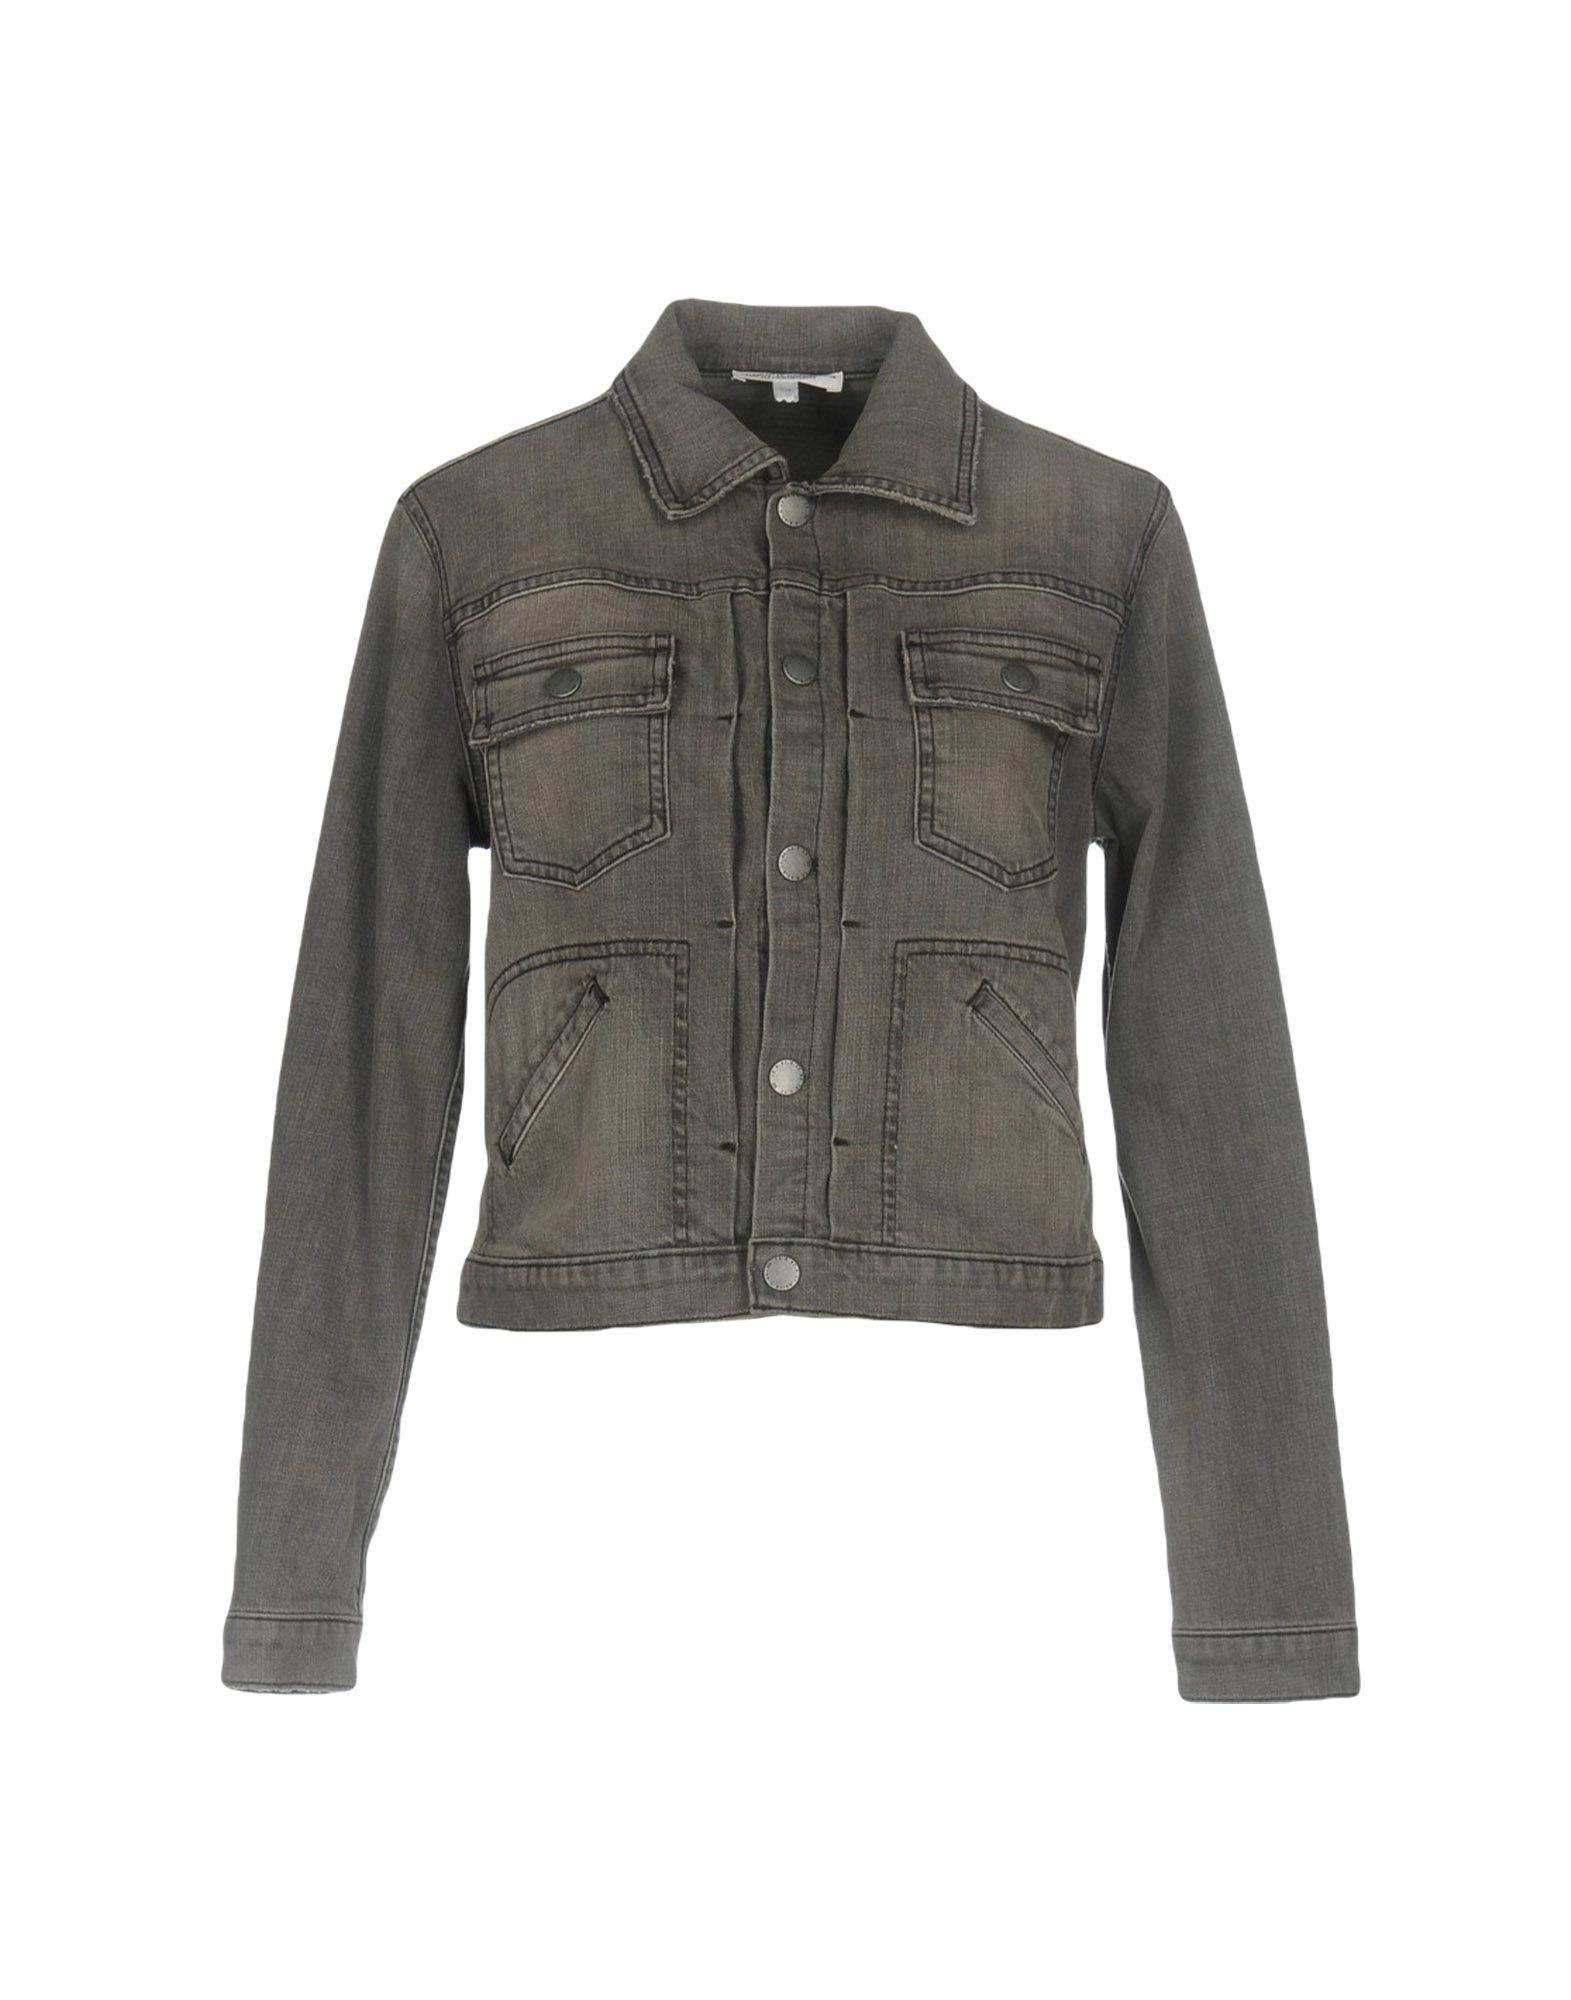 Giubbotto Jeans Current/Elliot + Charlotte Gainsbourg Donna - Acquista online su LXmM3